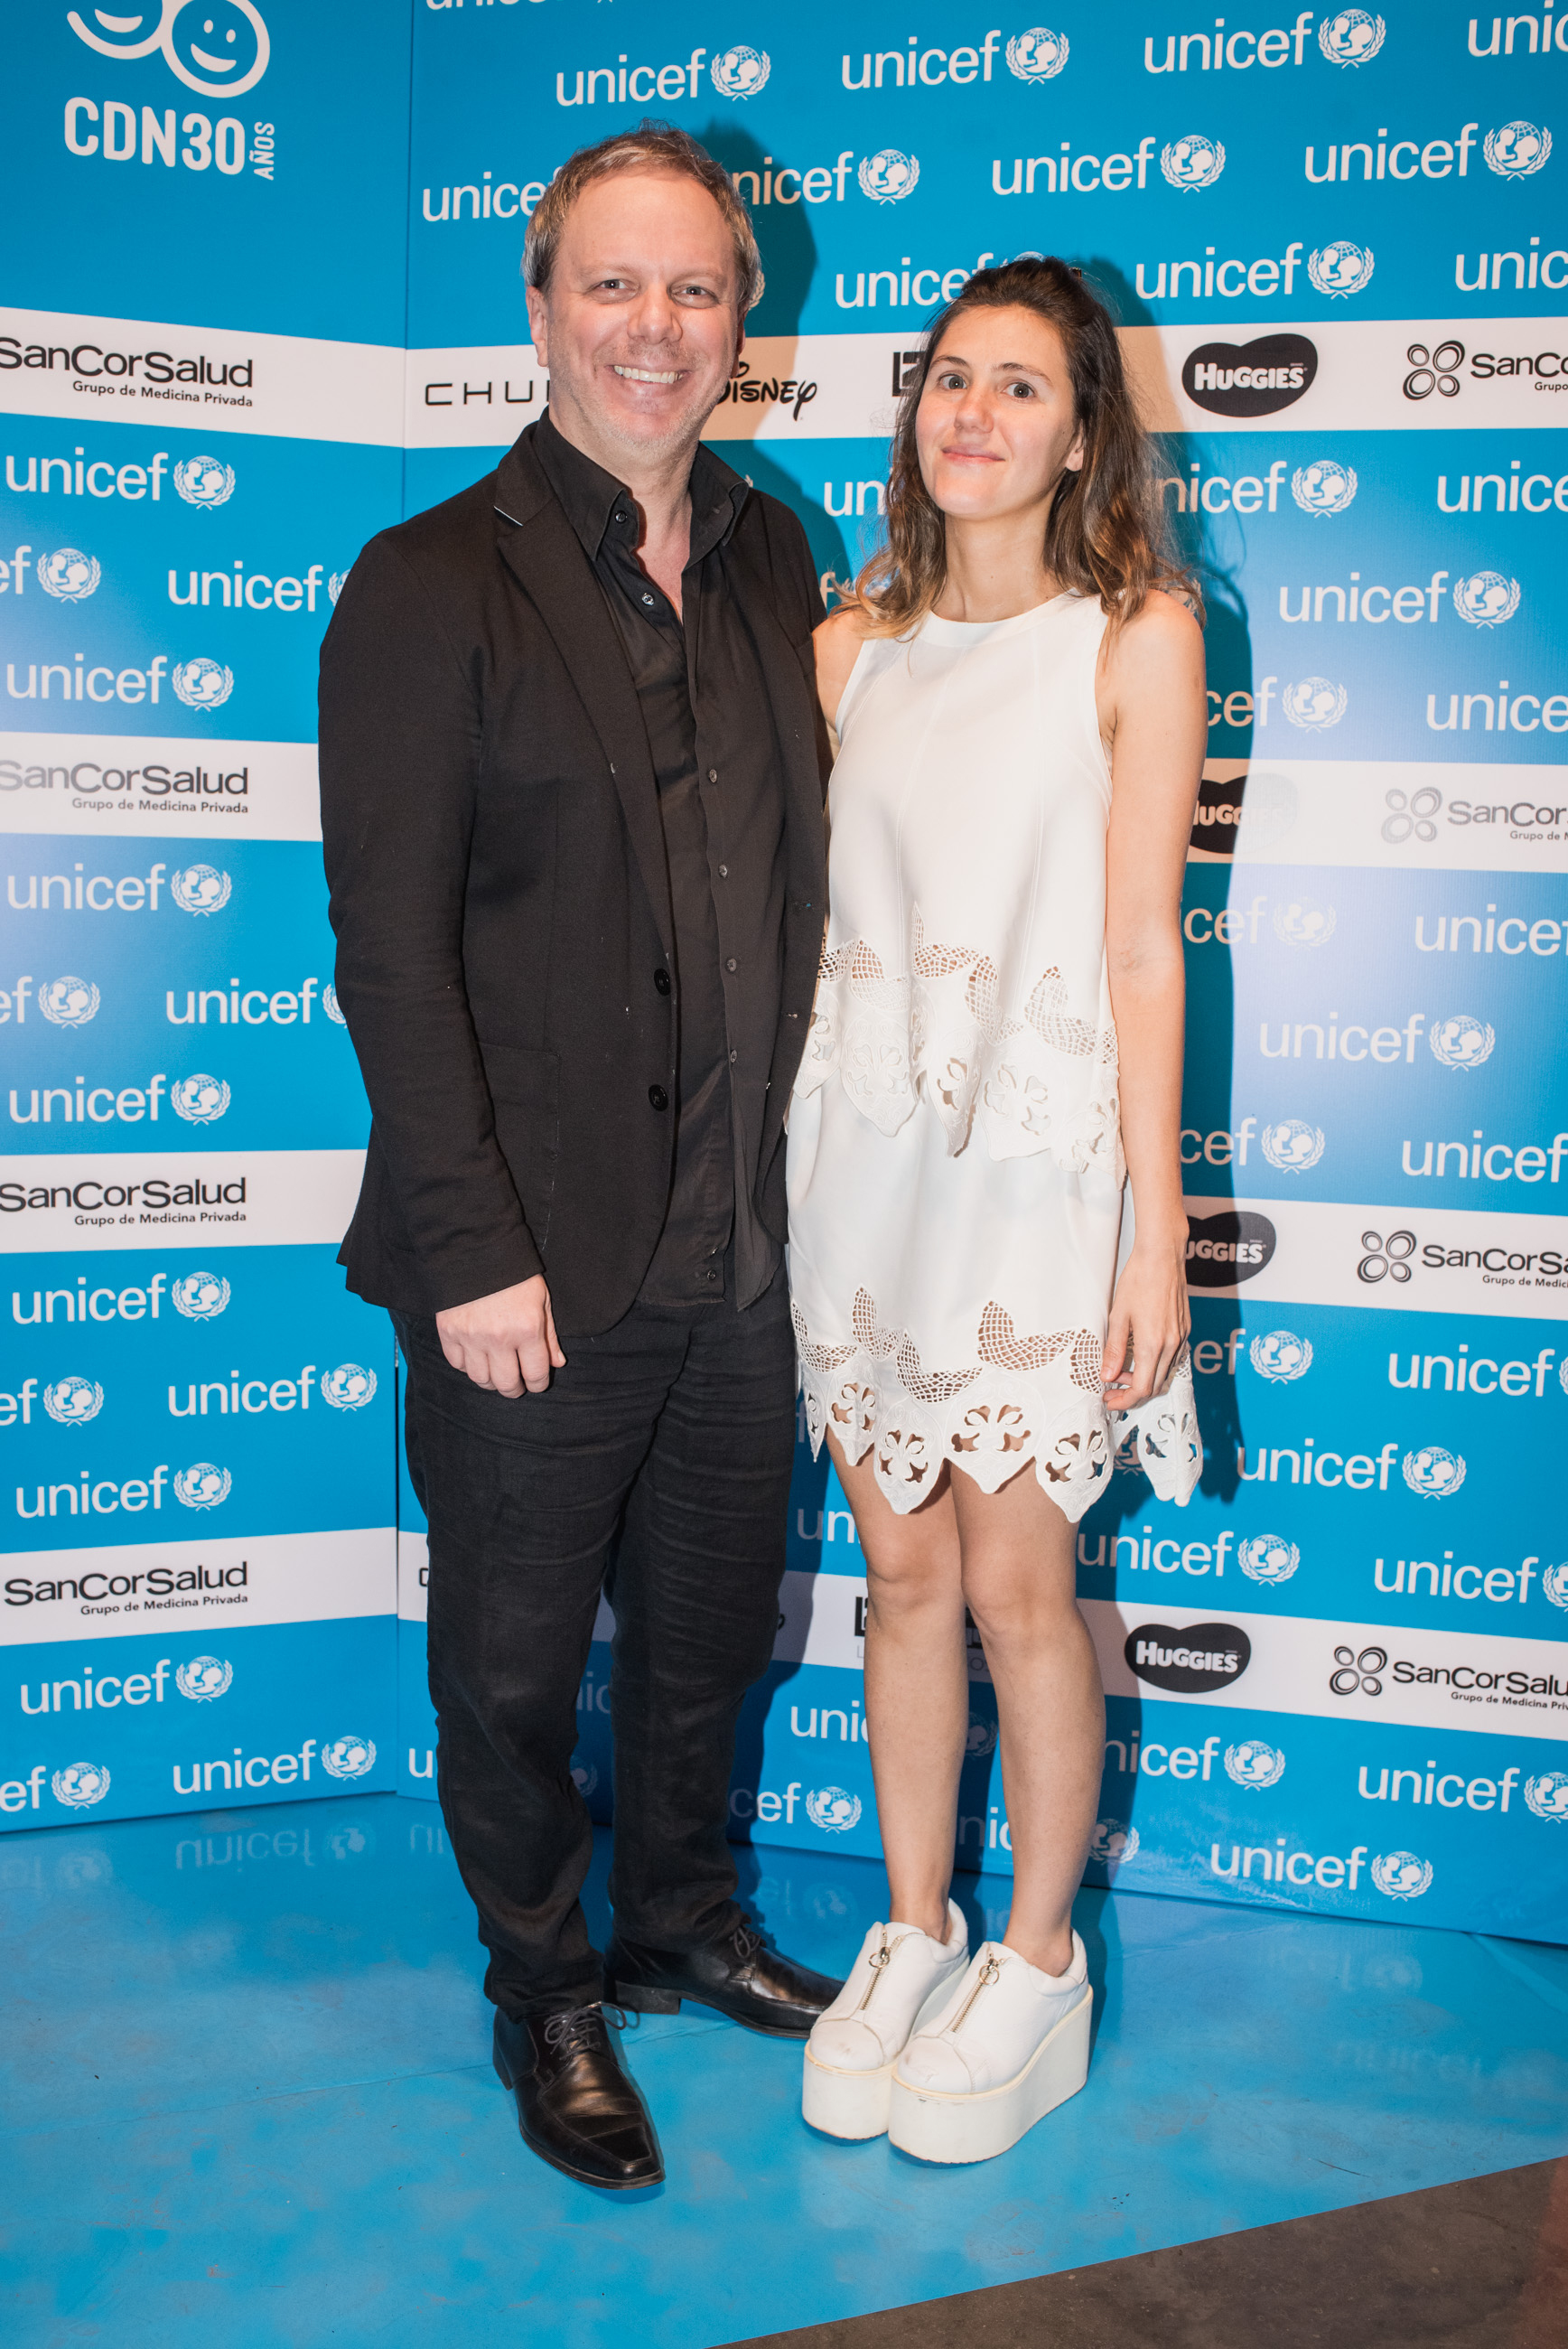 El caricaturista Nik /// Fotos: Gentileza UNICEF